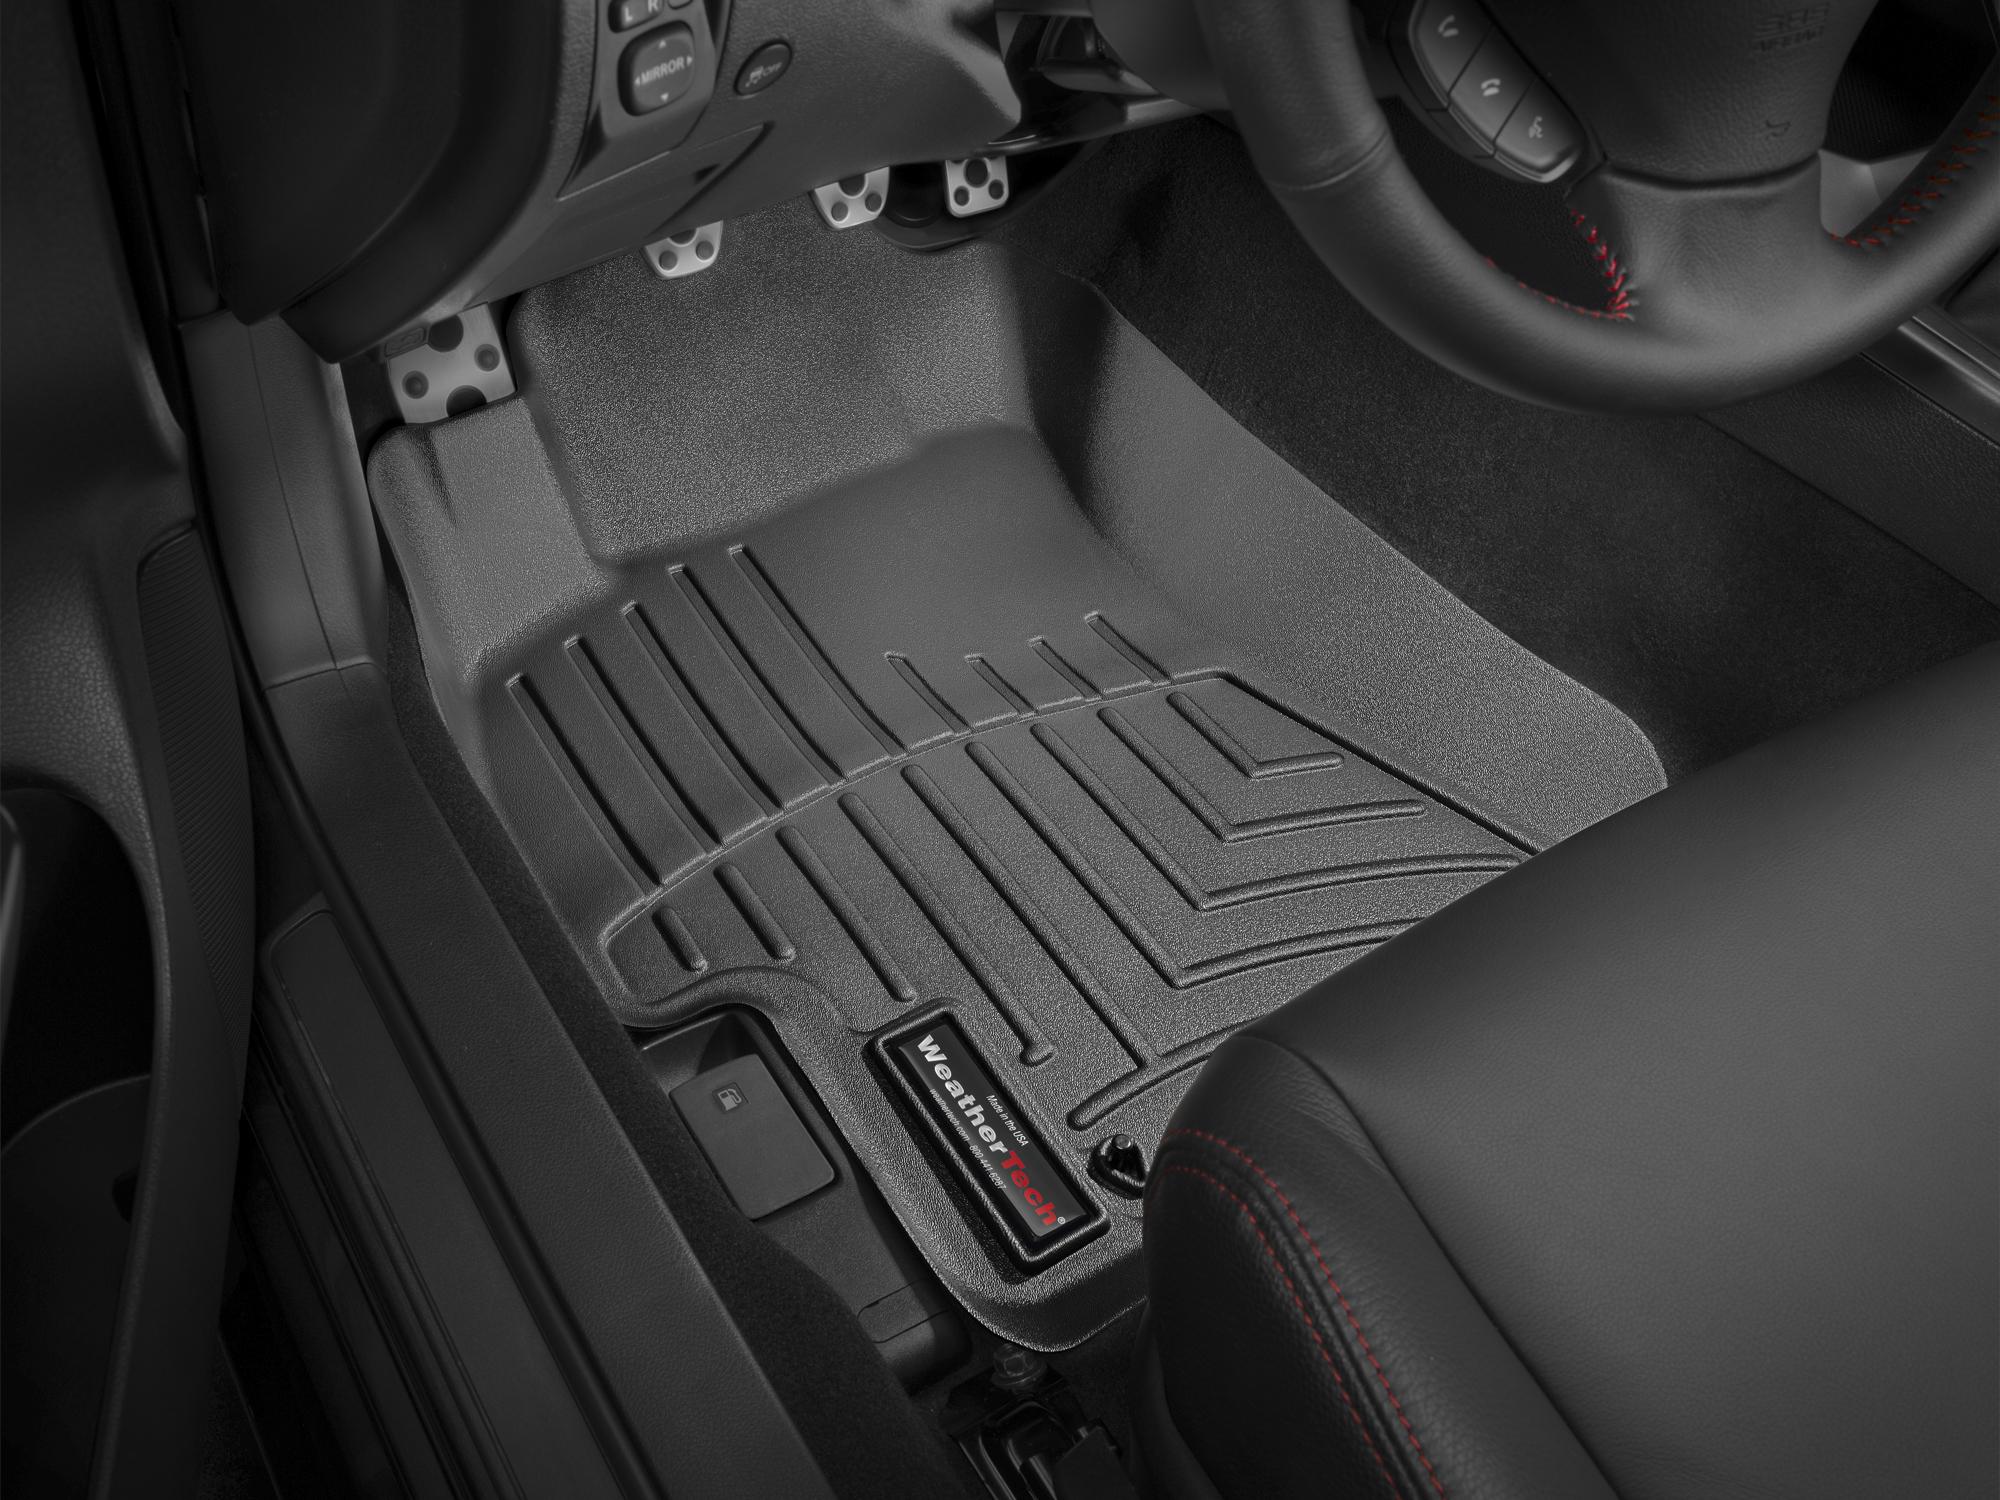 Tappeti gomma su misura bordo alto Subaru Impreza WRX STi 07>07 Nero A3467